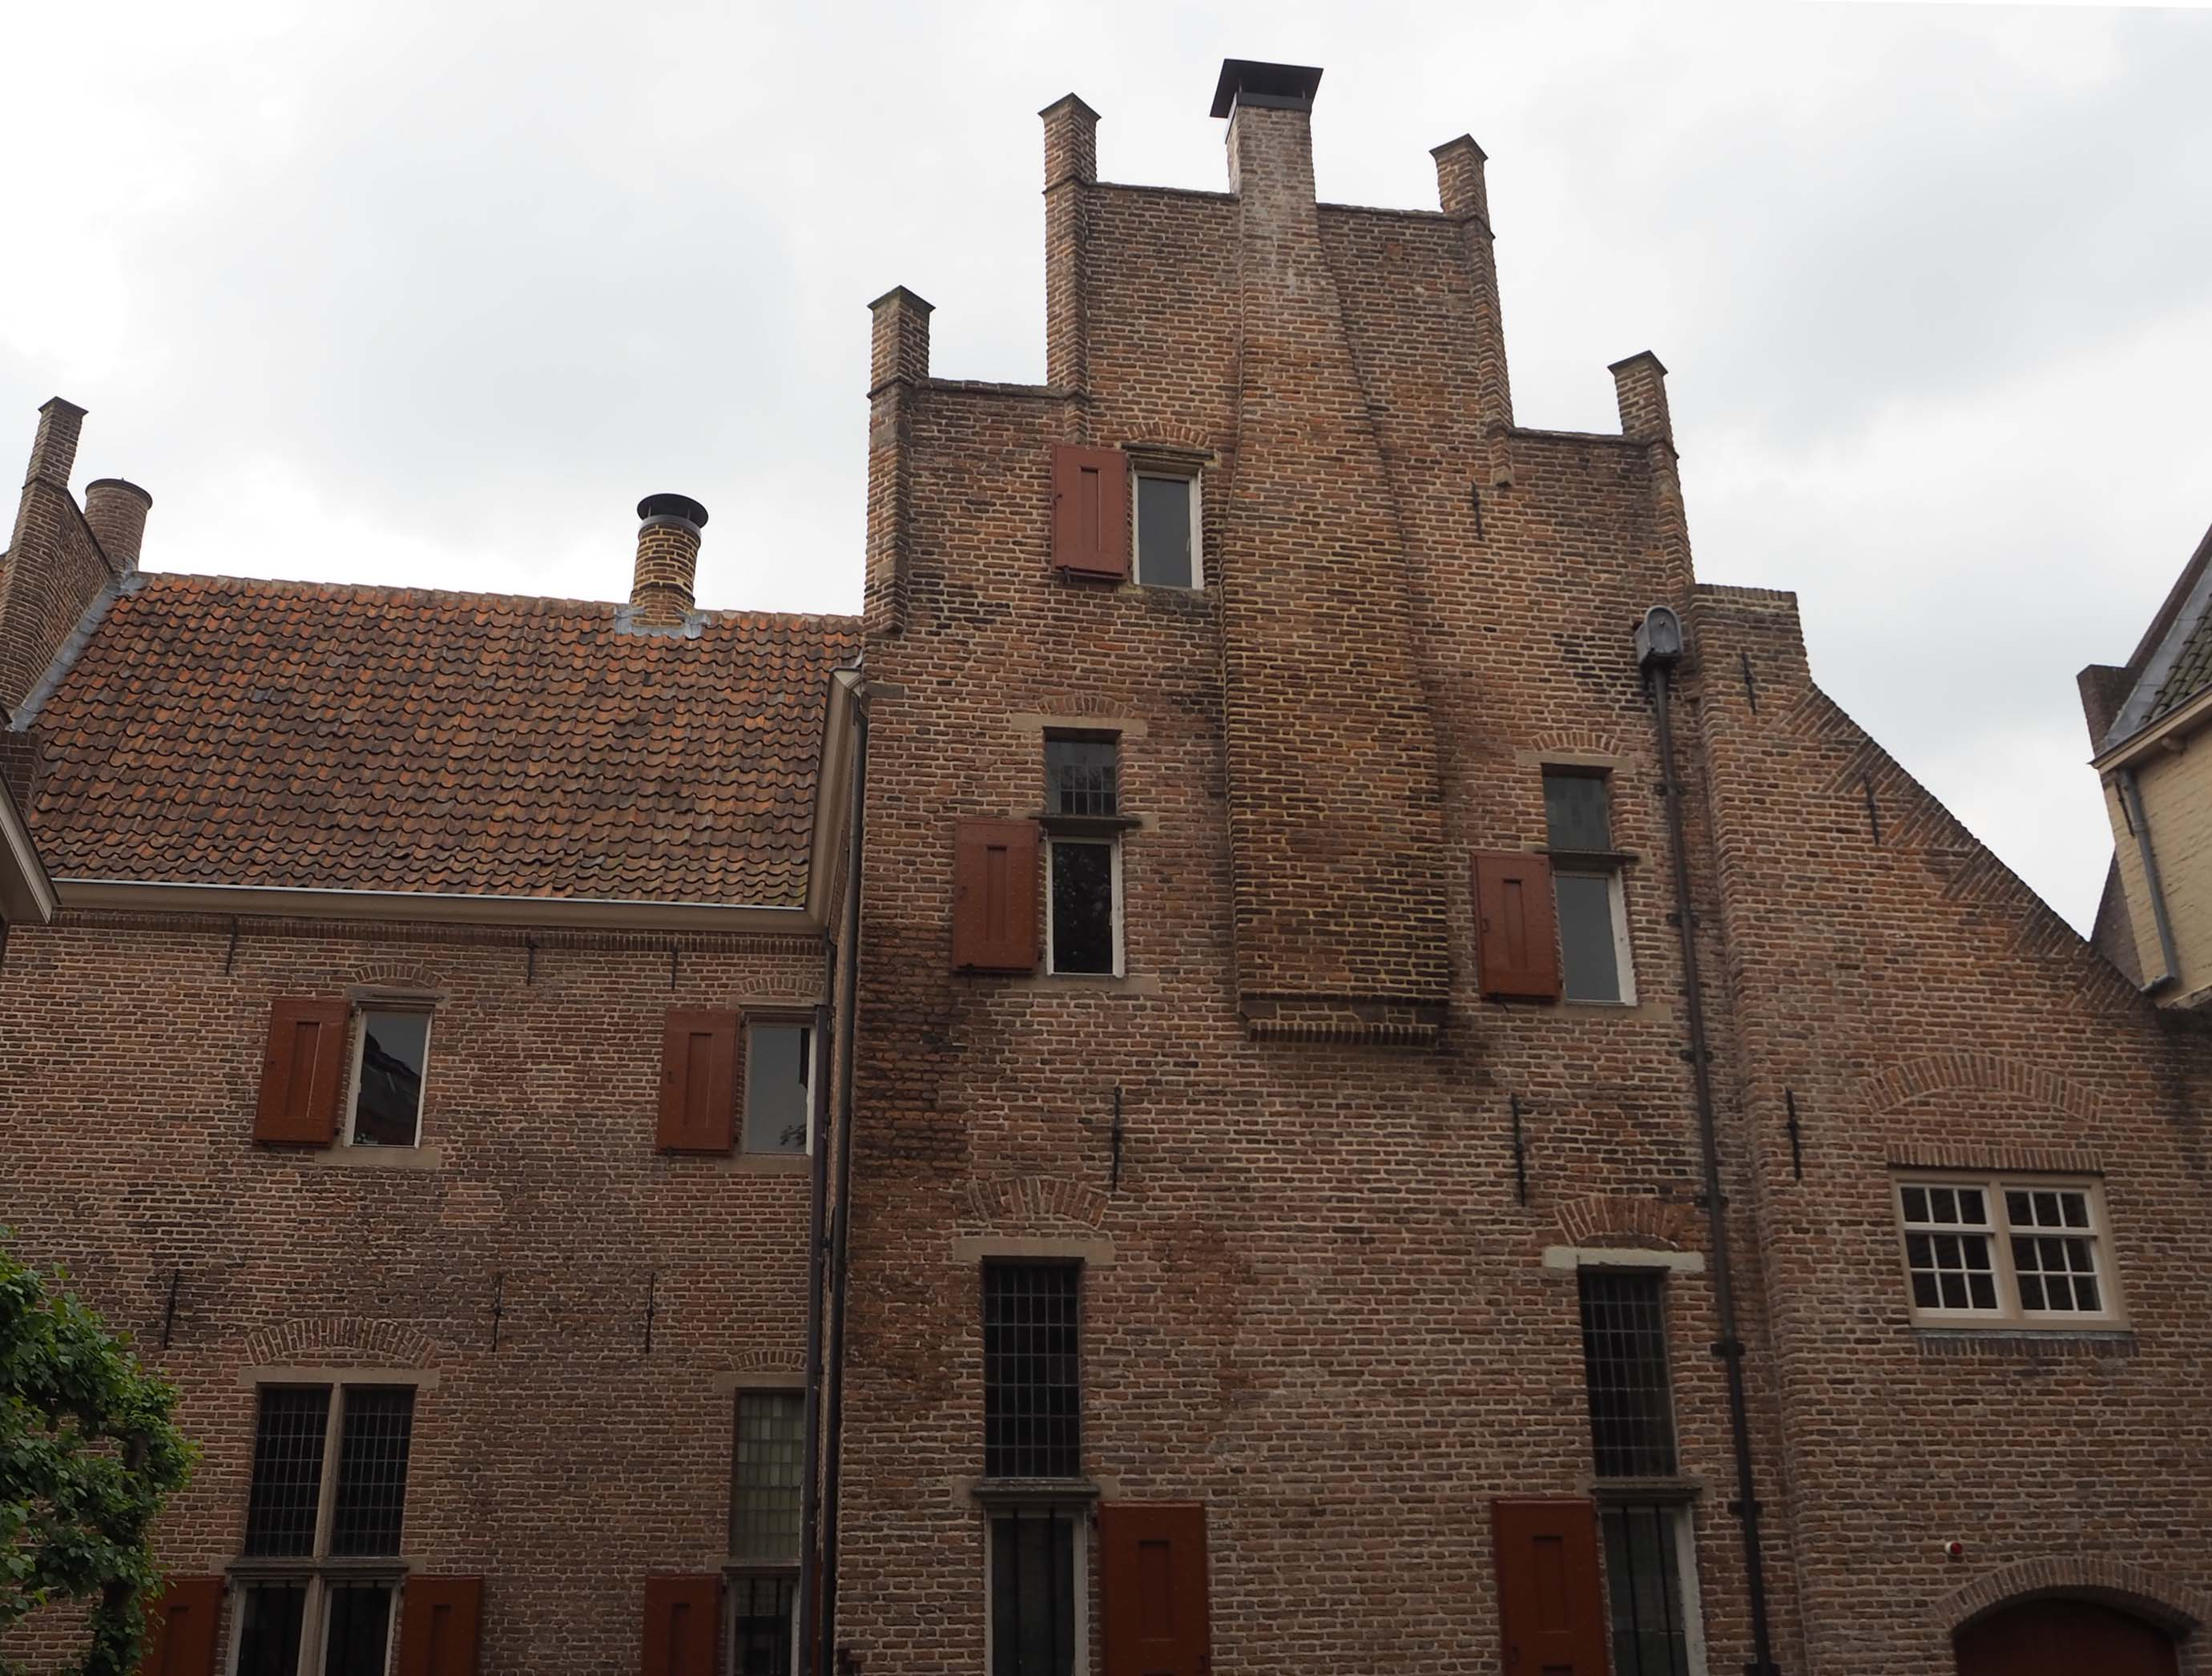 Rijkdom van de Hansa kooplieden laat zich in hun koopmanshuizen zien © Wilma Lankhorst